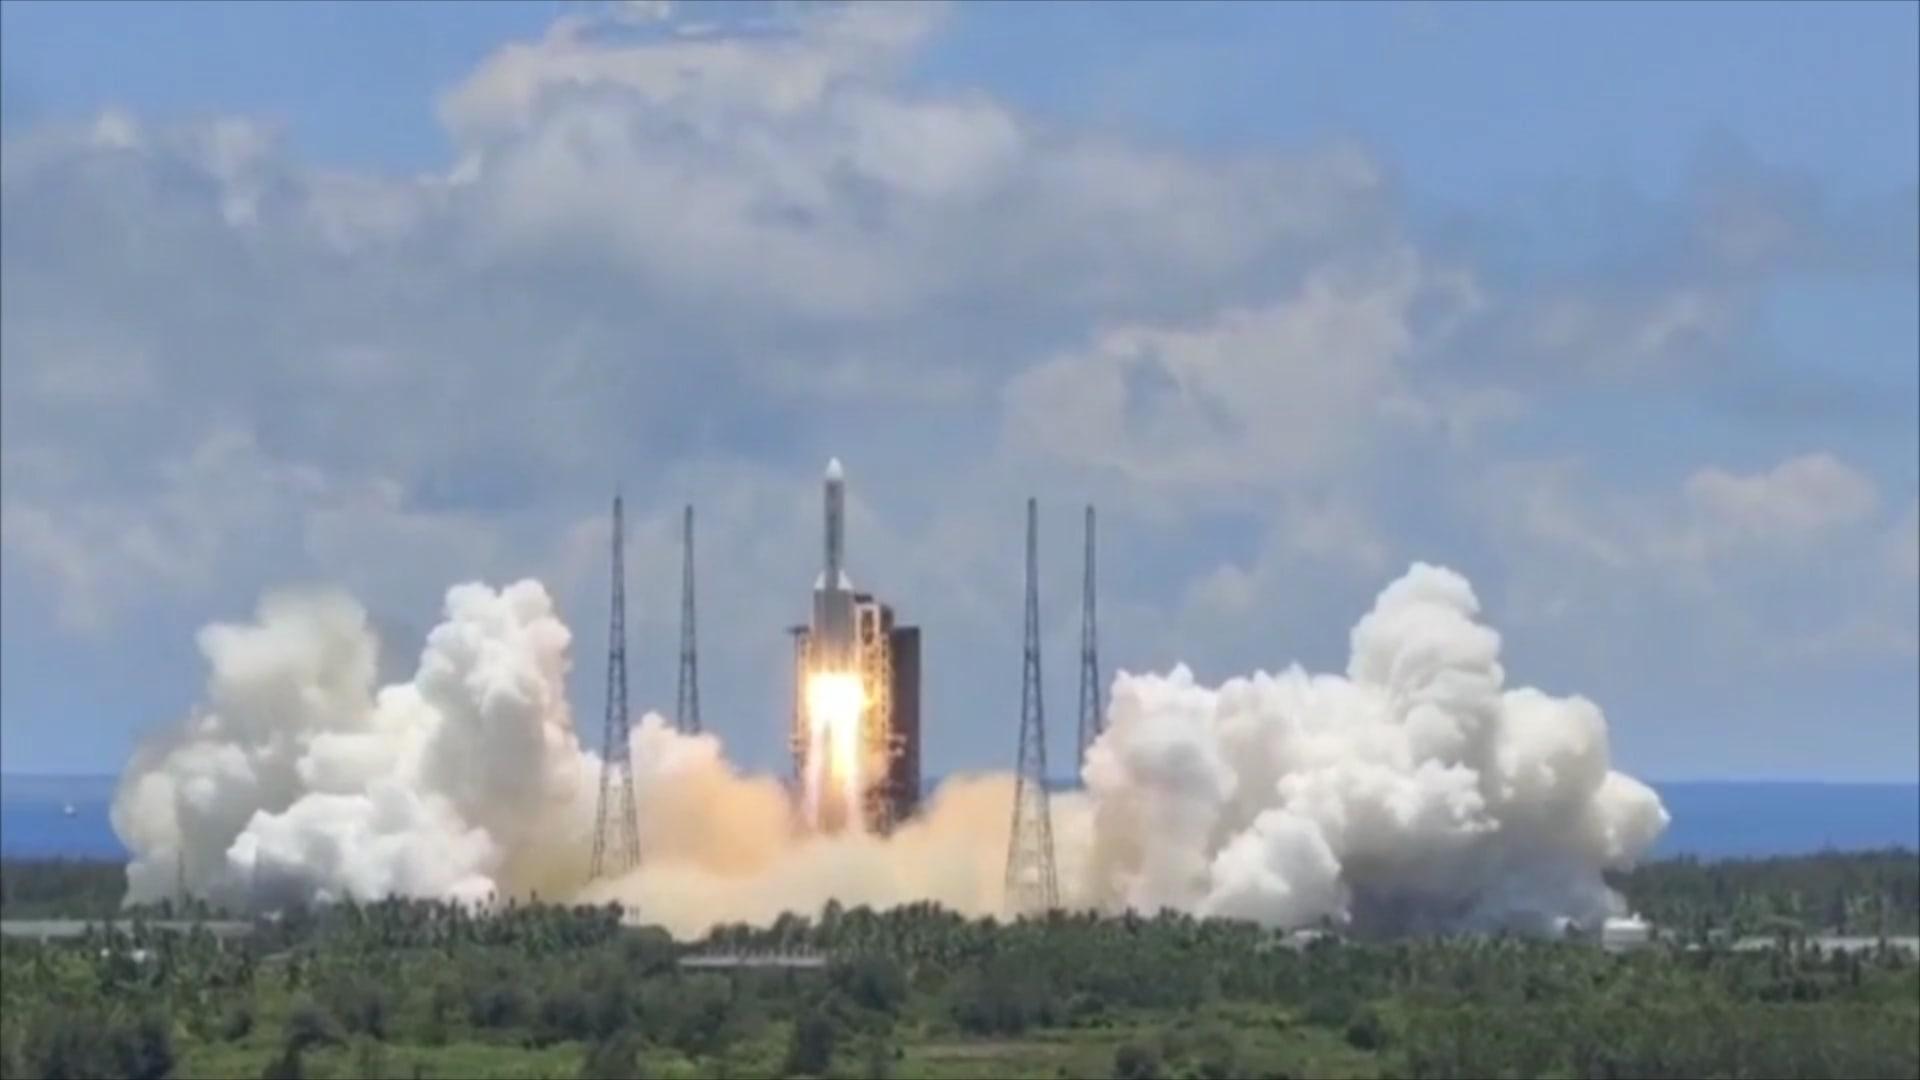 شاهد لحظة إطلاق الصين أول مسبار لها إلى المريخ